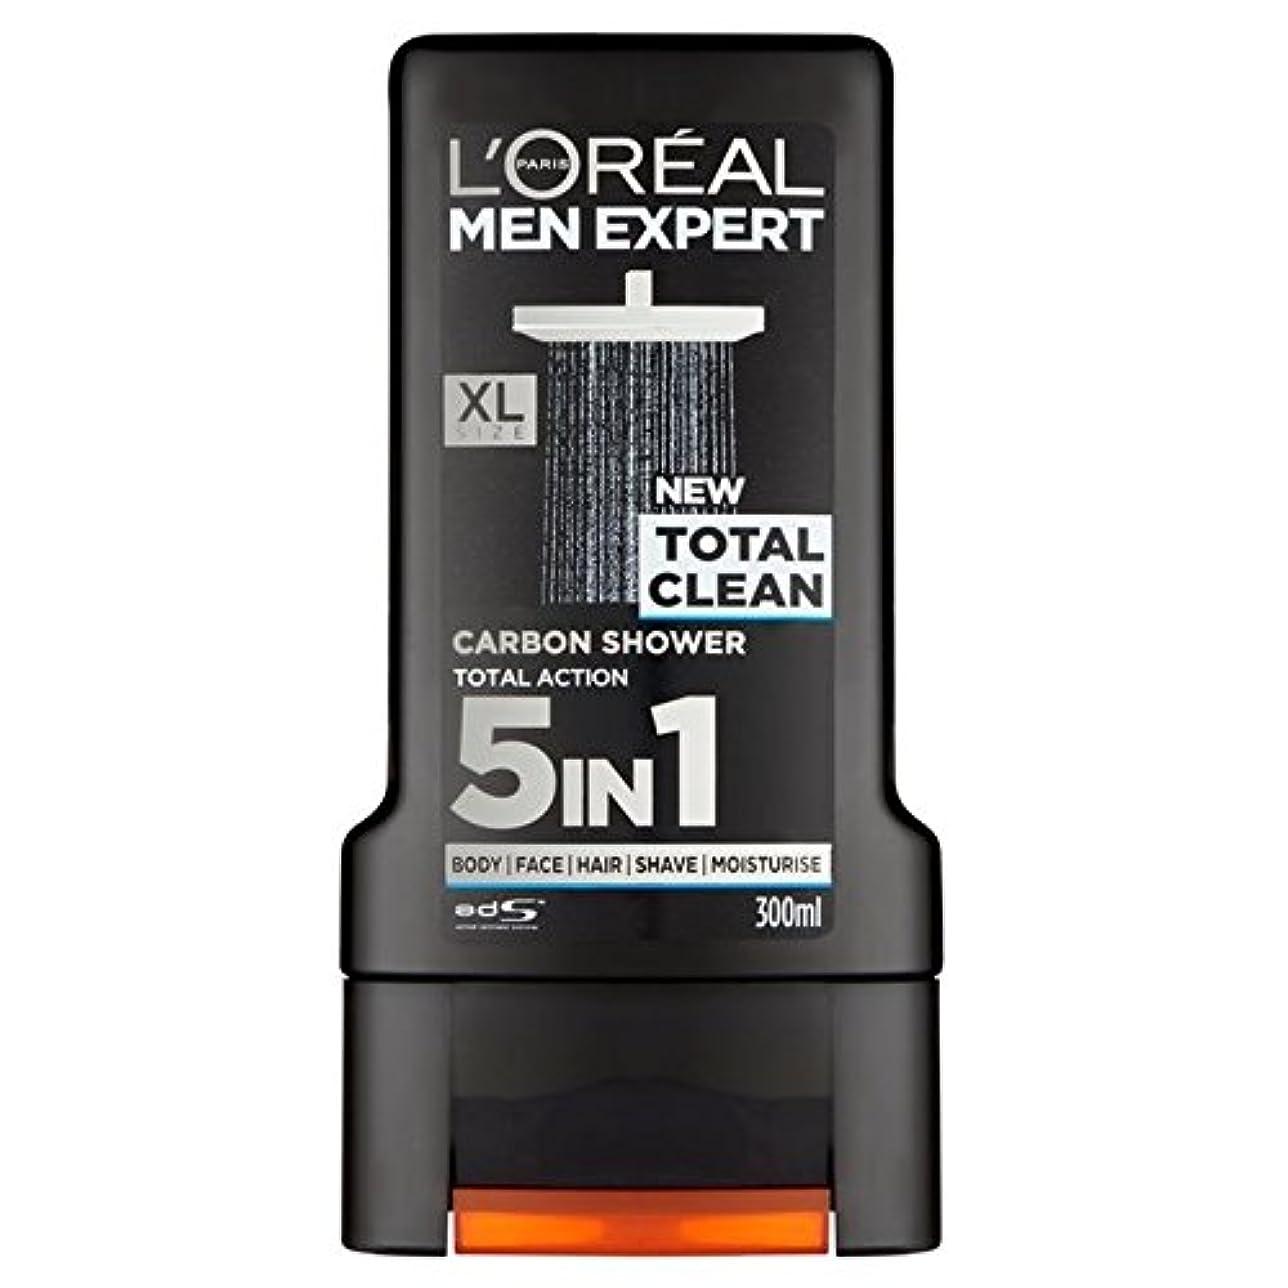 幸福風変わりなコマースL'Oreal Paris Men Expert Total Clean Shower Gel 300ml - ロレアルパリのメンズ専門トータルクリーンシャワージェル300ミリリットル [並行輸入品]